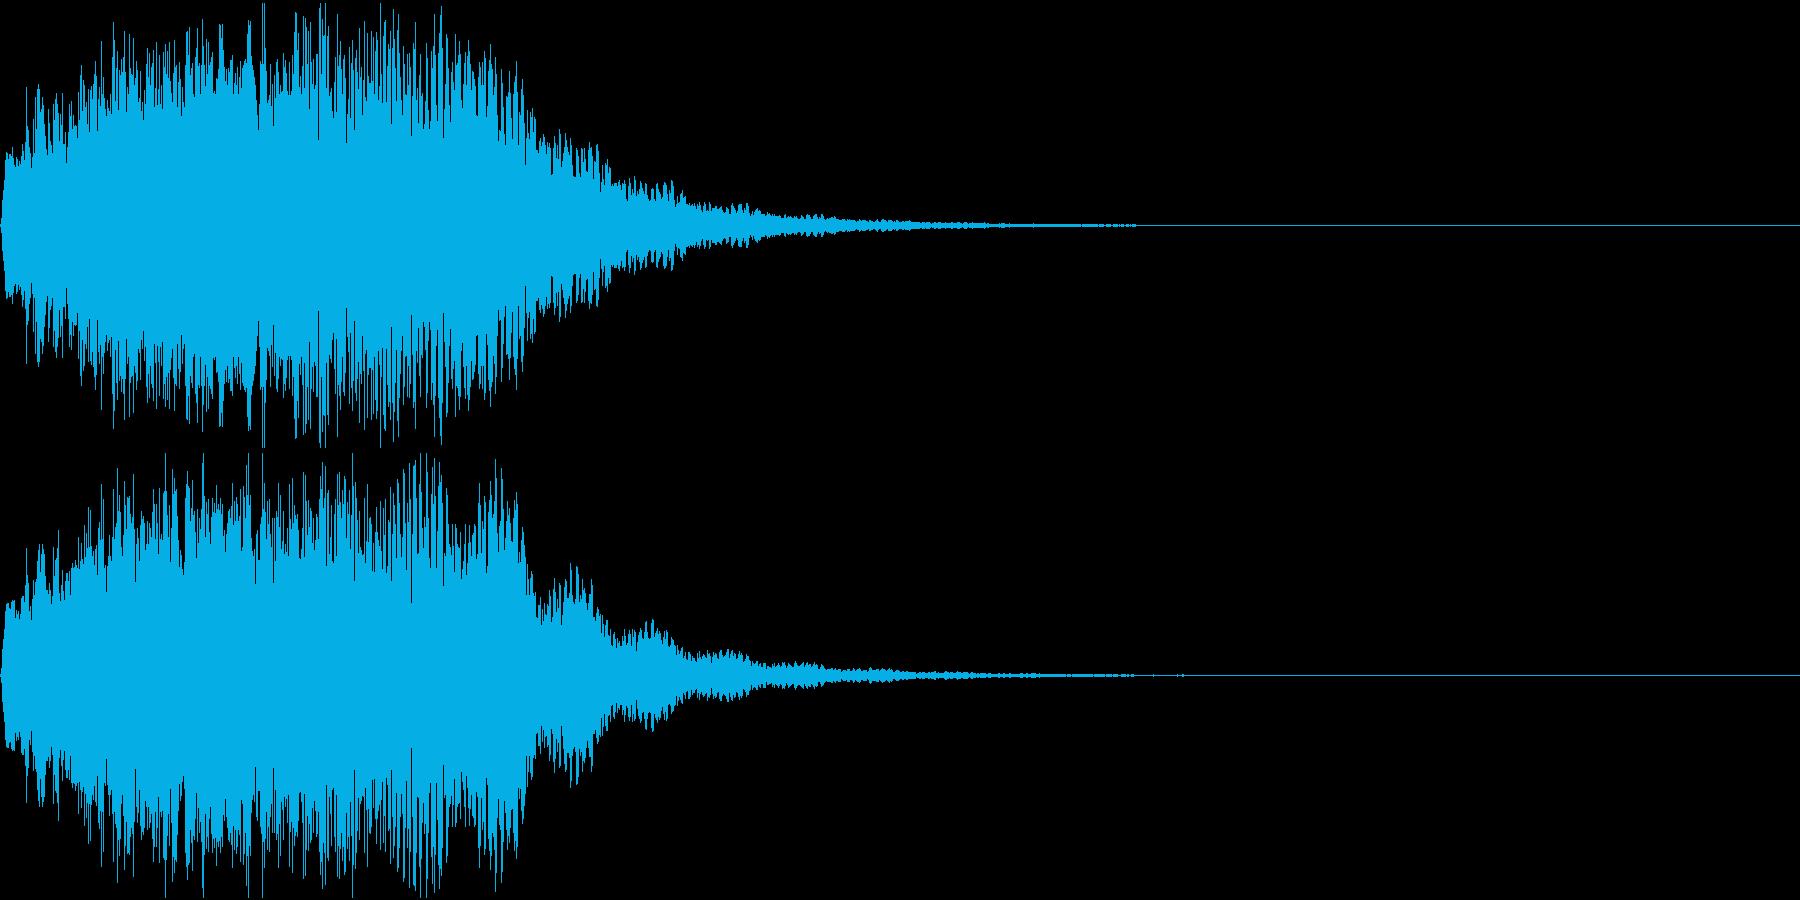 プーン・サイレン・ブザー・キュイーン3の再生済みの波形